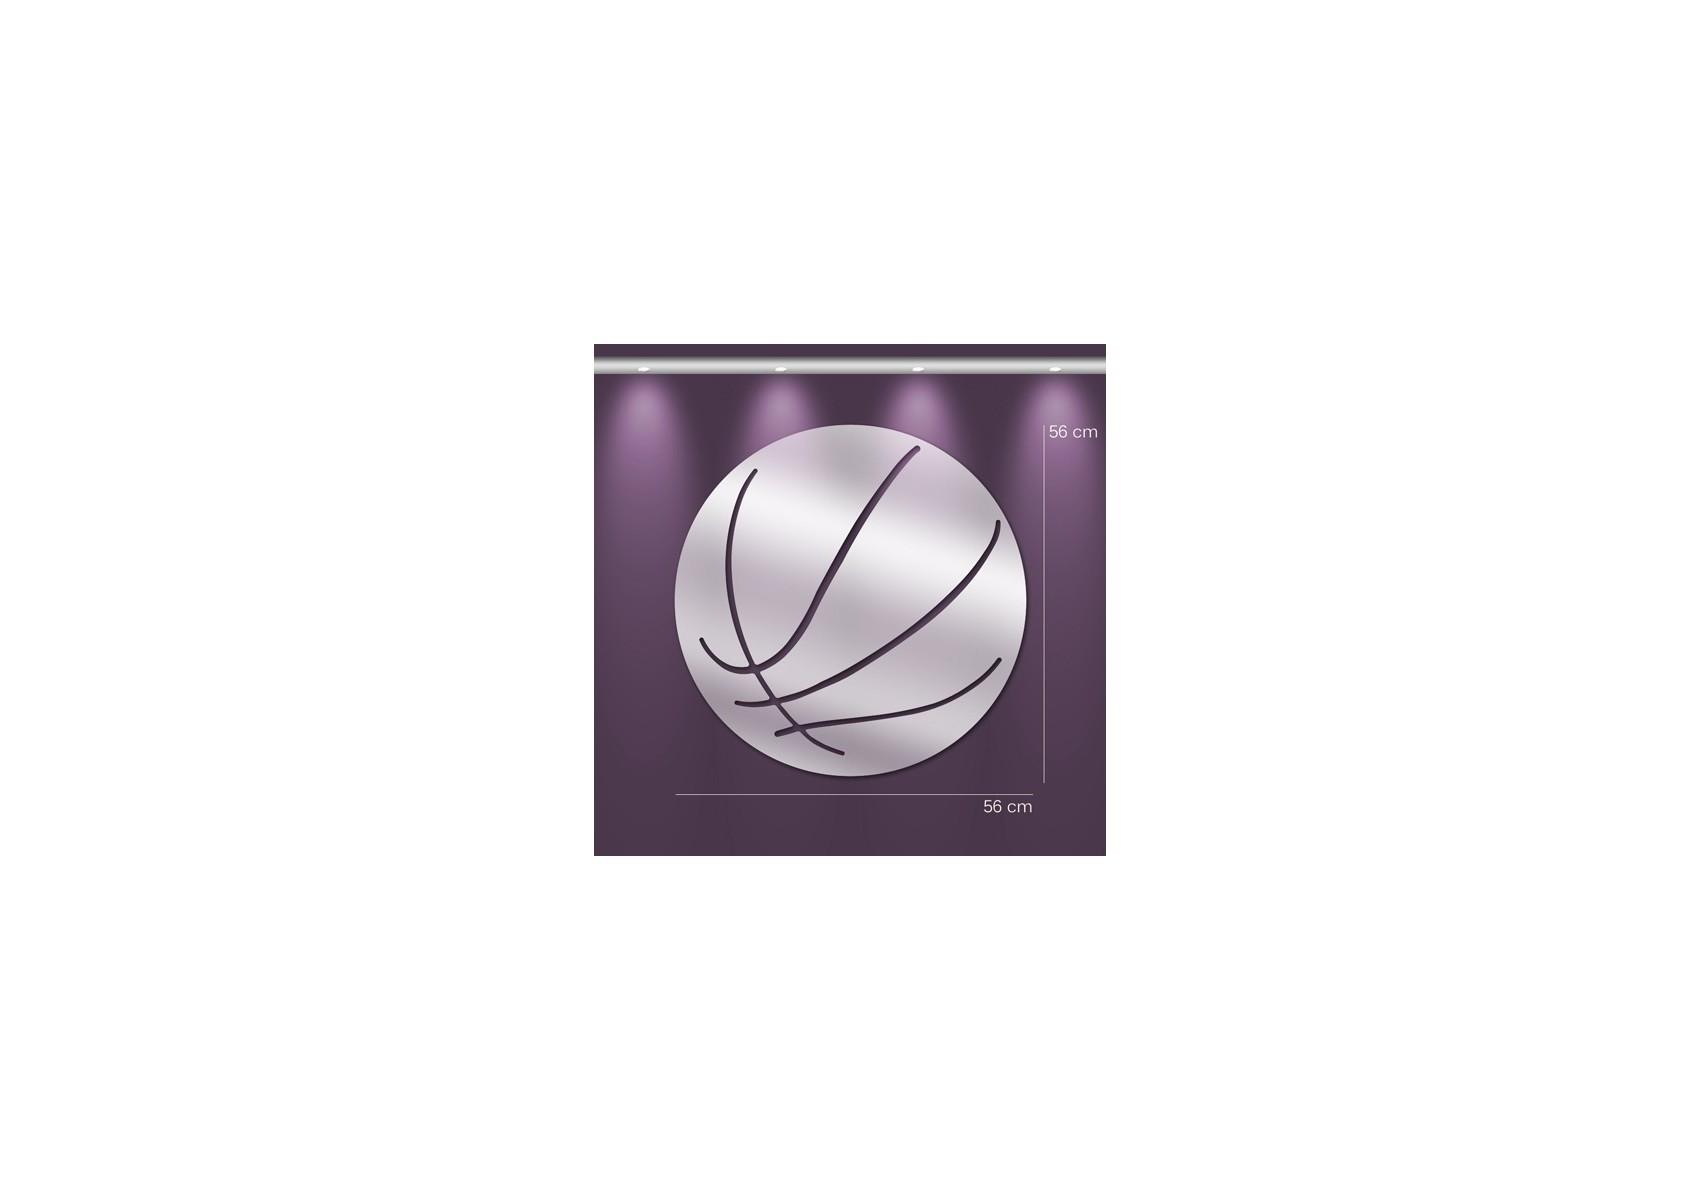 Miroir ballon de basket design en acrylique for Miroir en acrylique